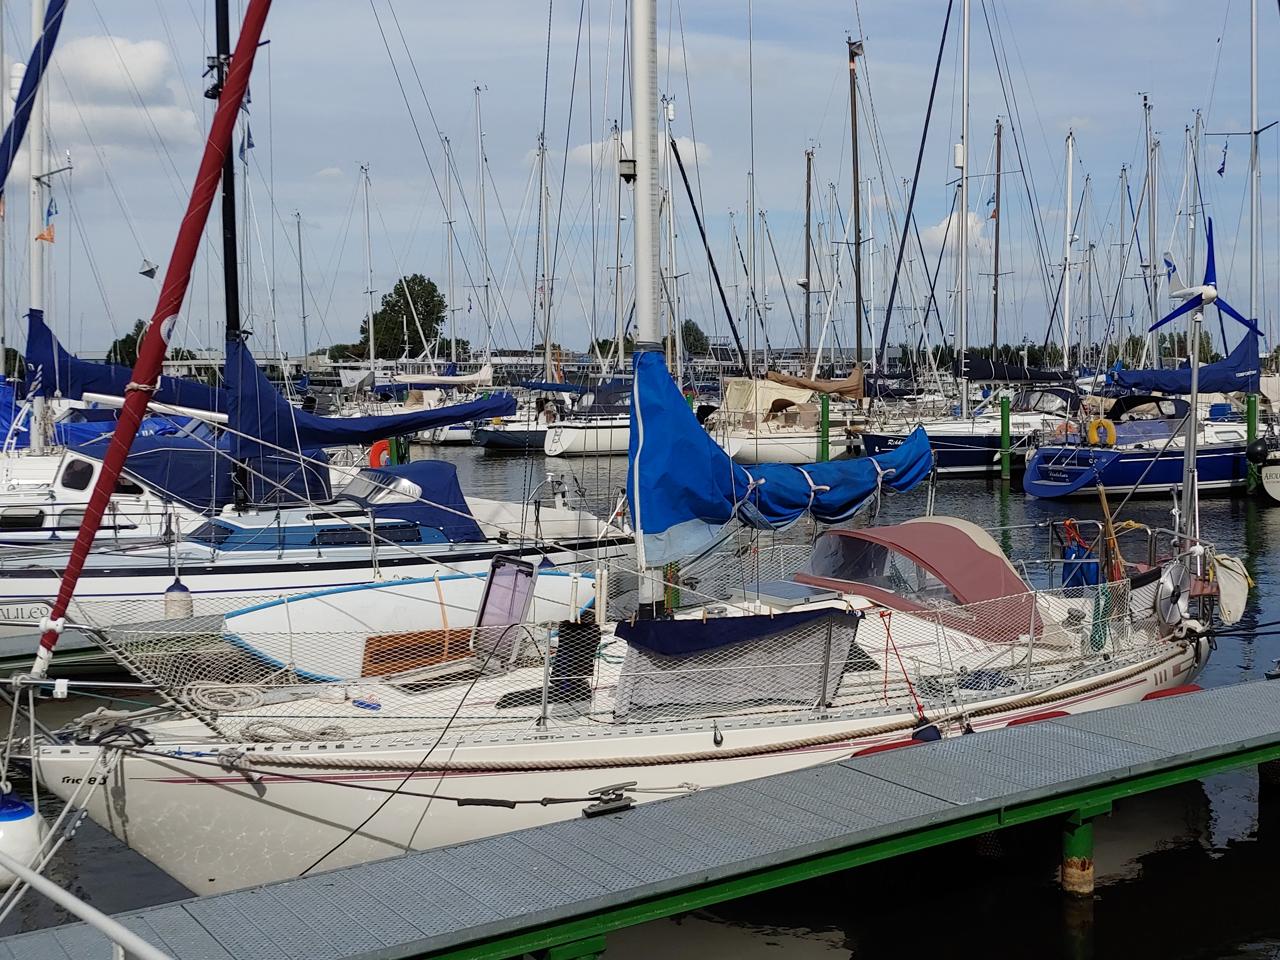 Windgeschützter Liegeplatz im Yachthafen von deDintel.